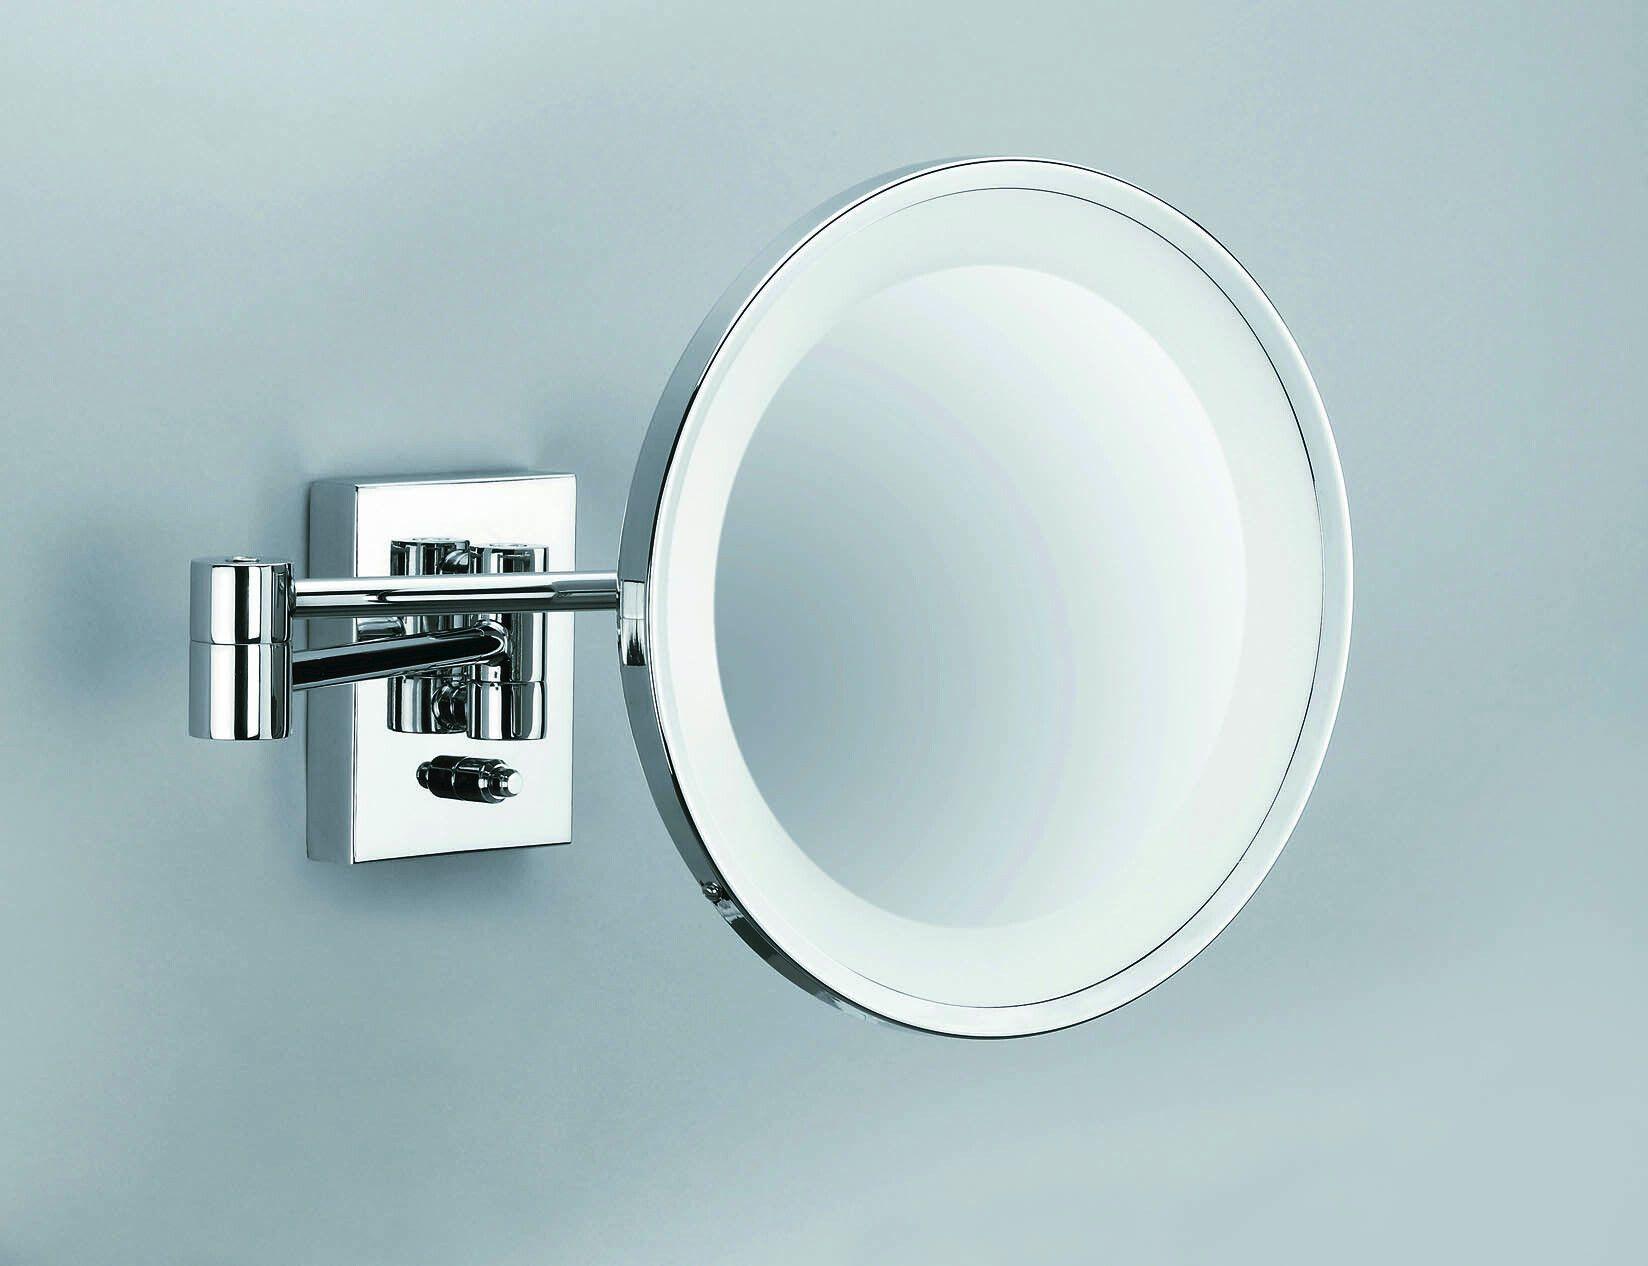 Accessori Bagno Decor Walther : Specchio ingranditore a parete con illuminazione integrata